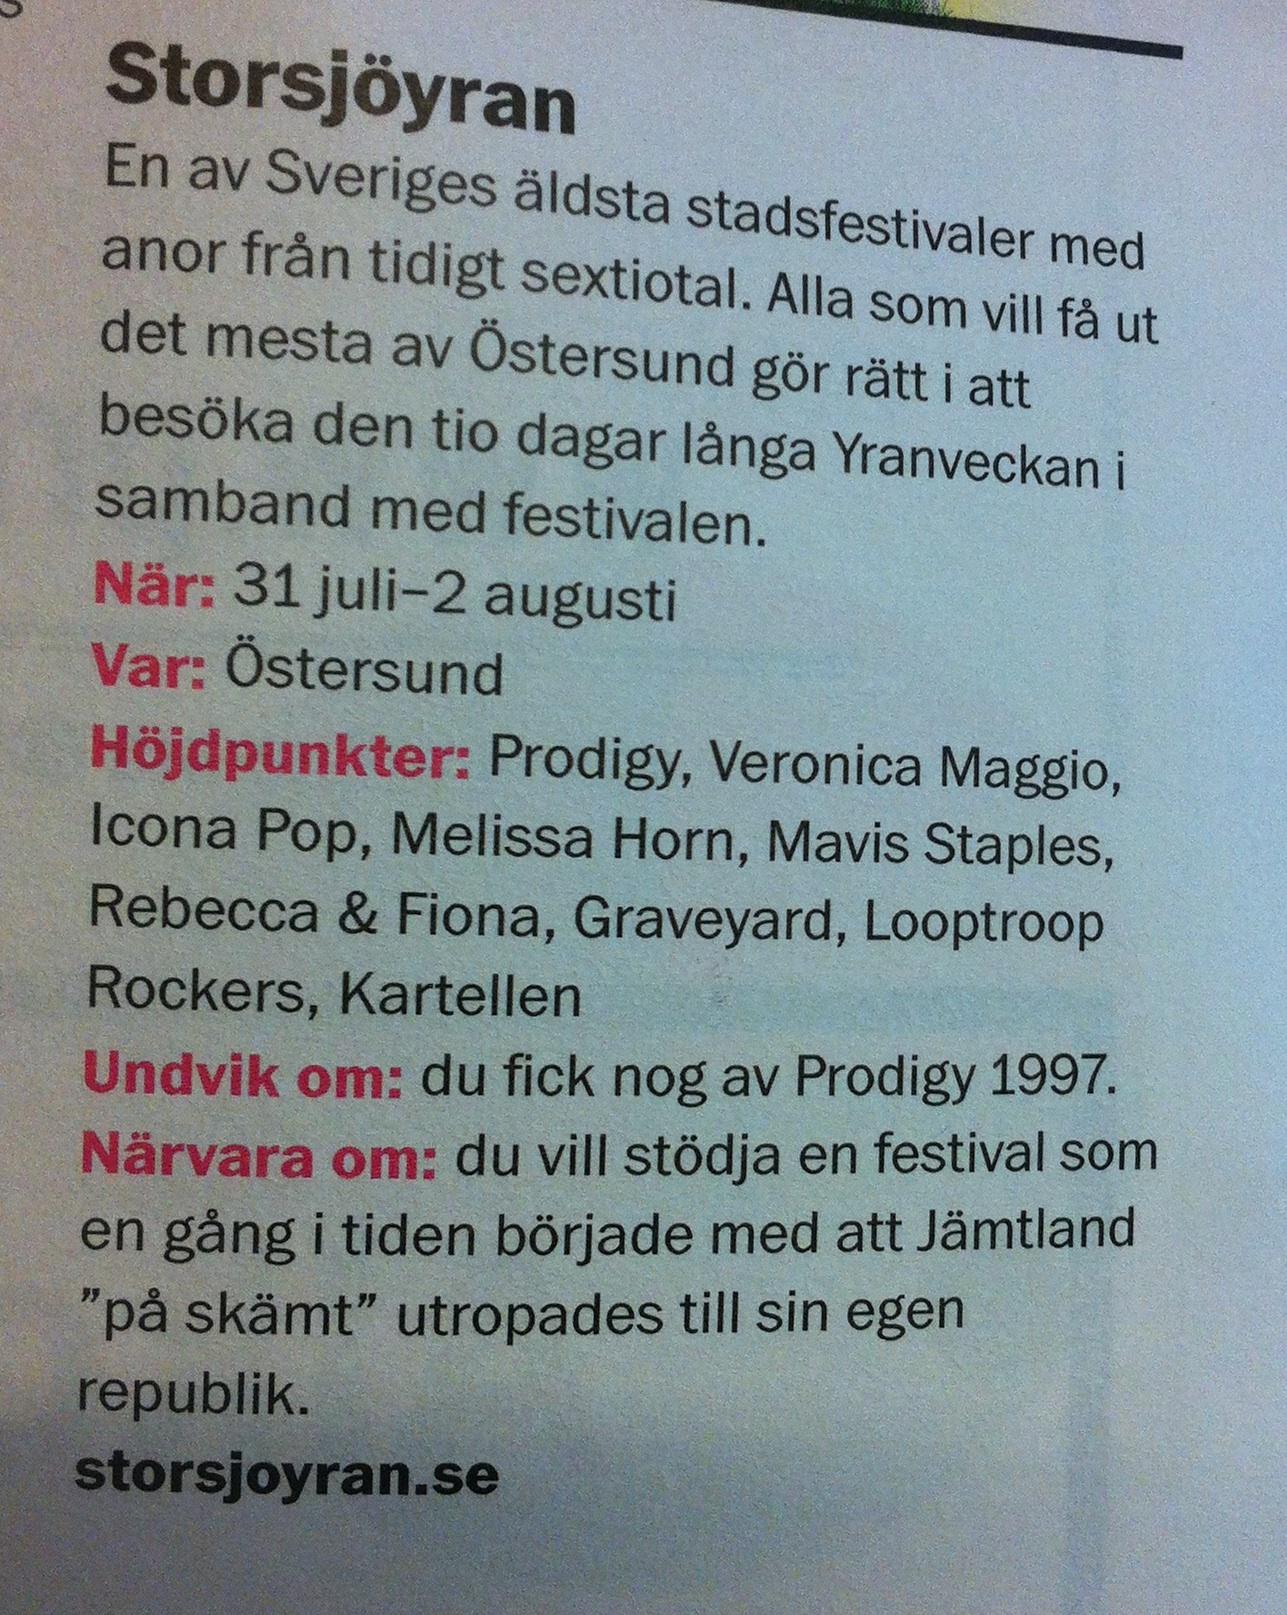 NG-tips-Storsjöyran.jpg